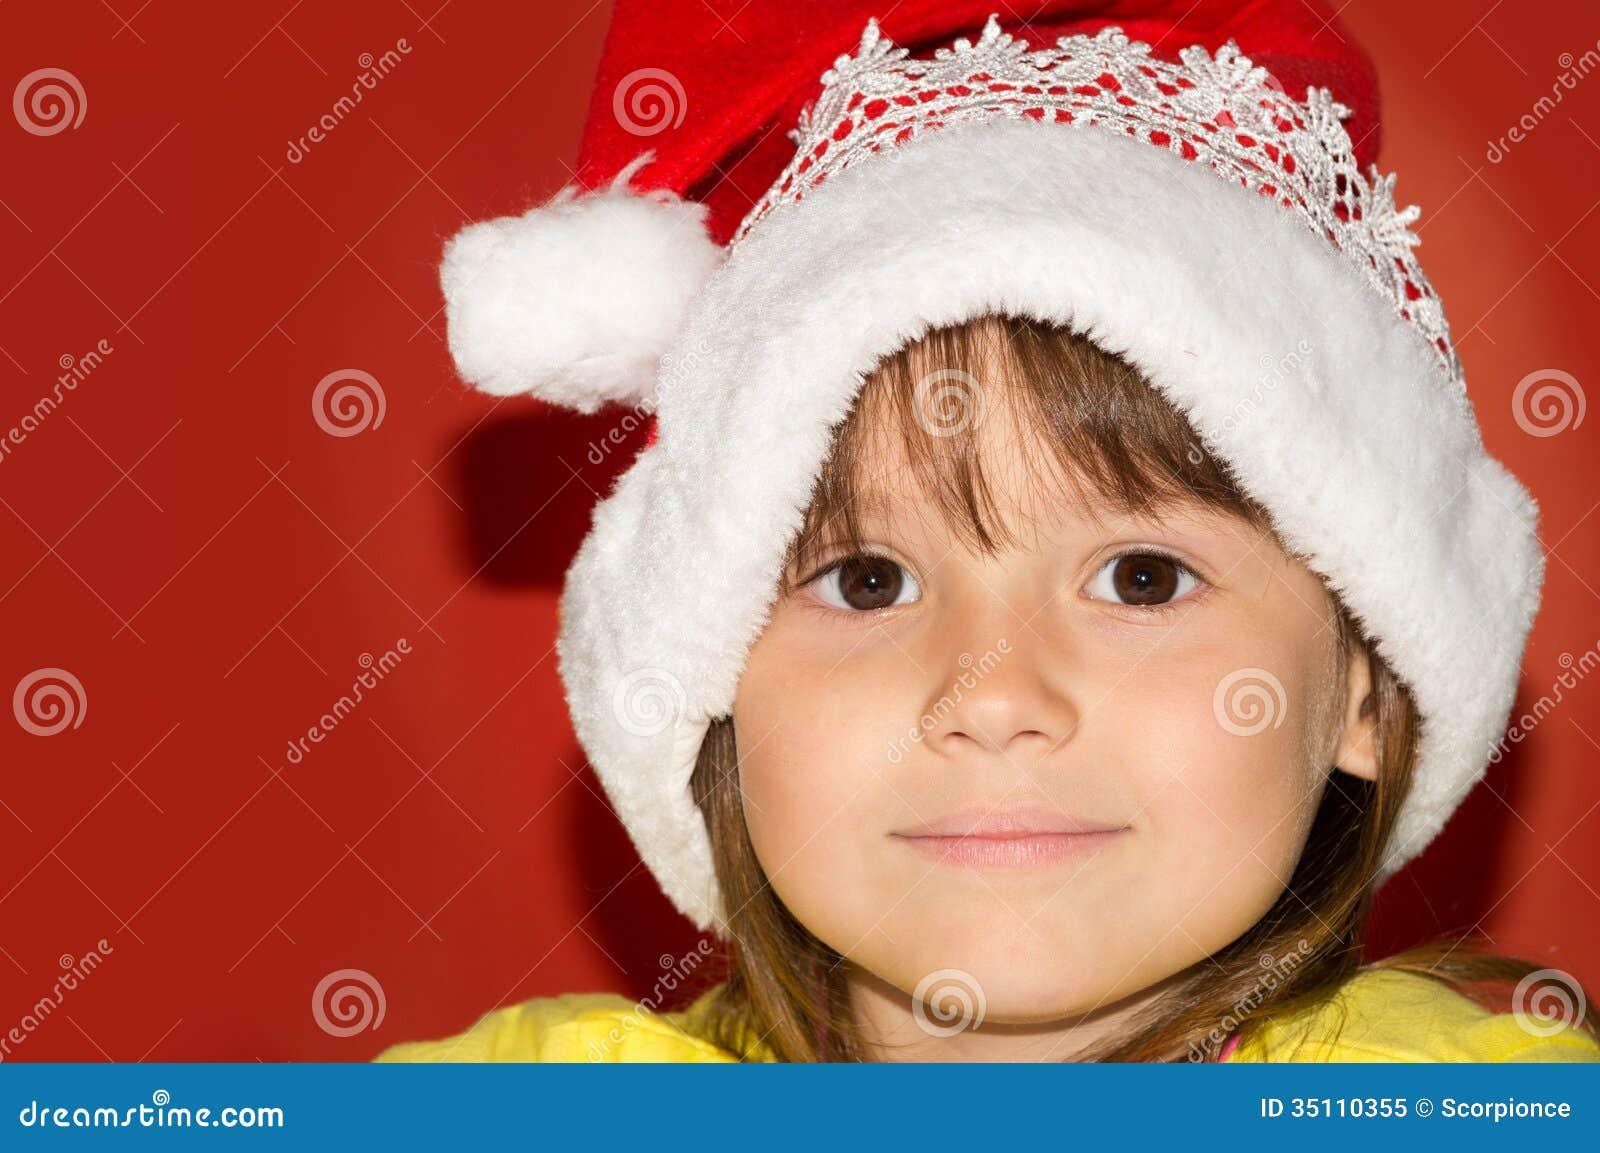 Little girl wearing santa hat